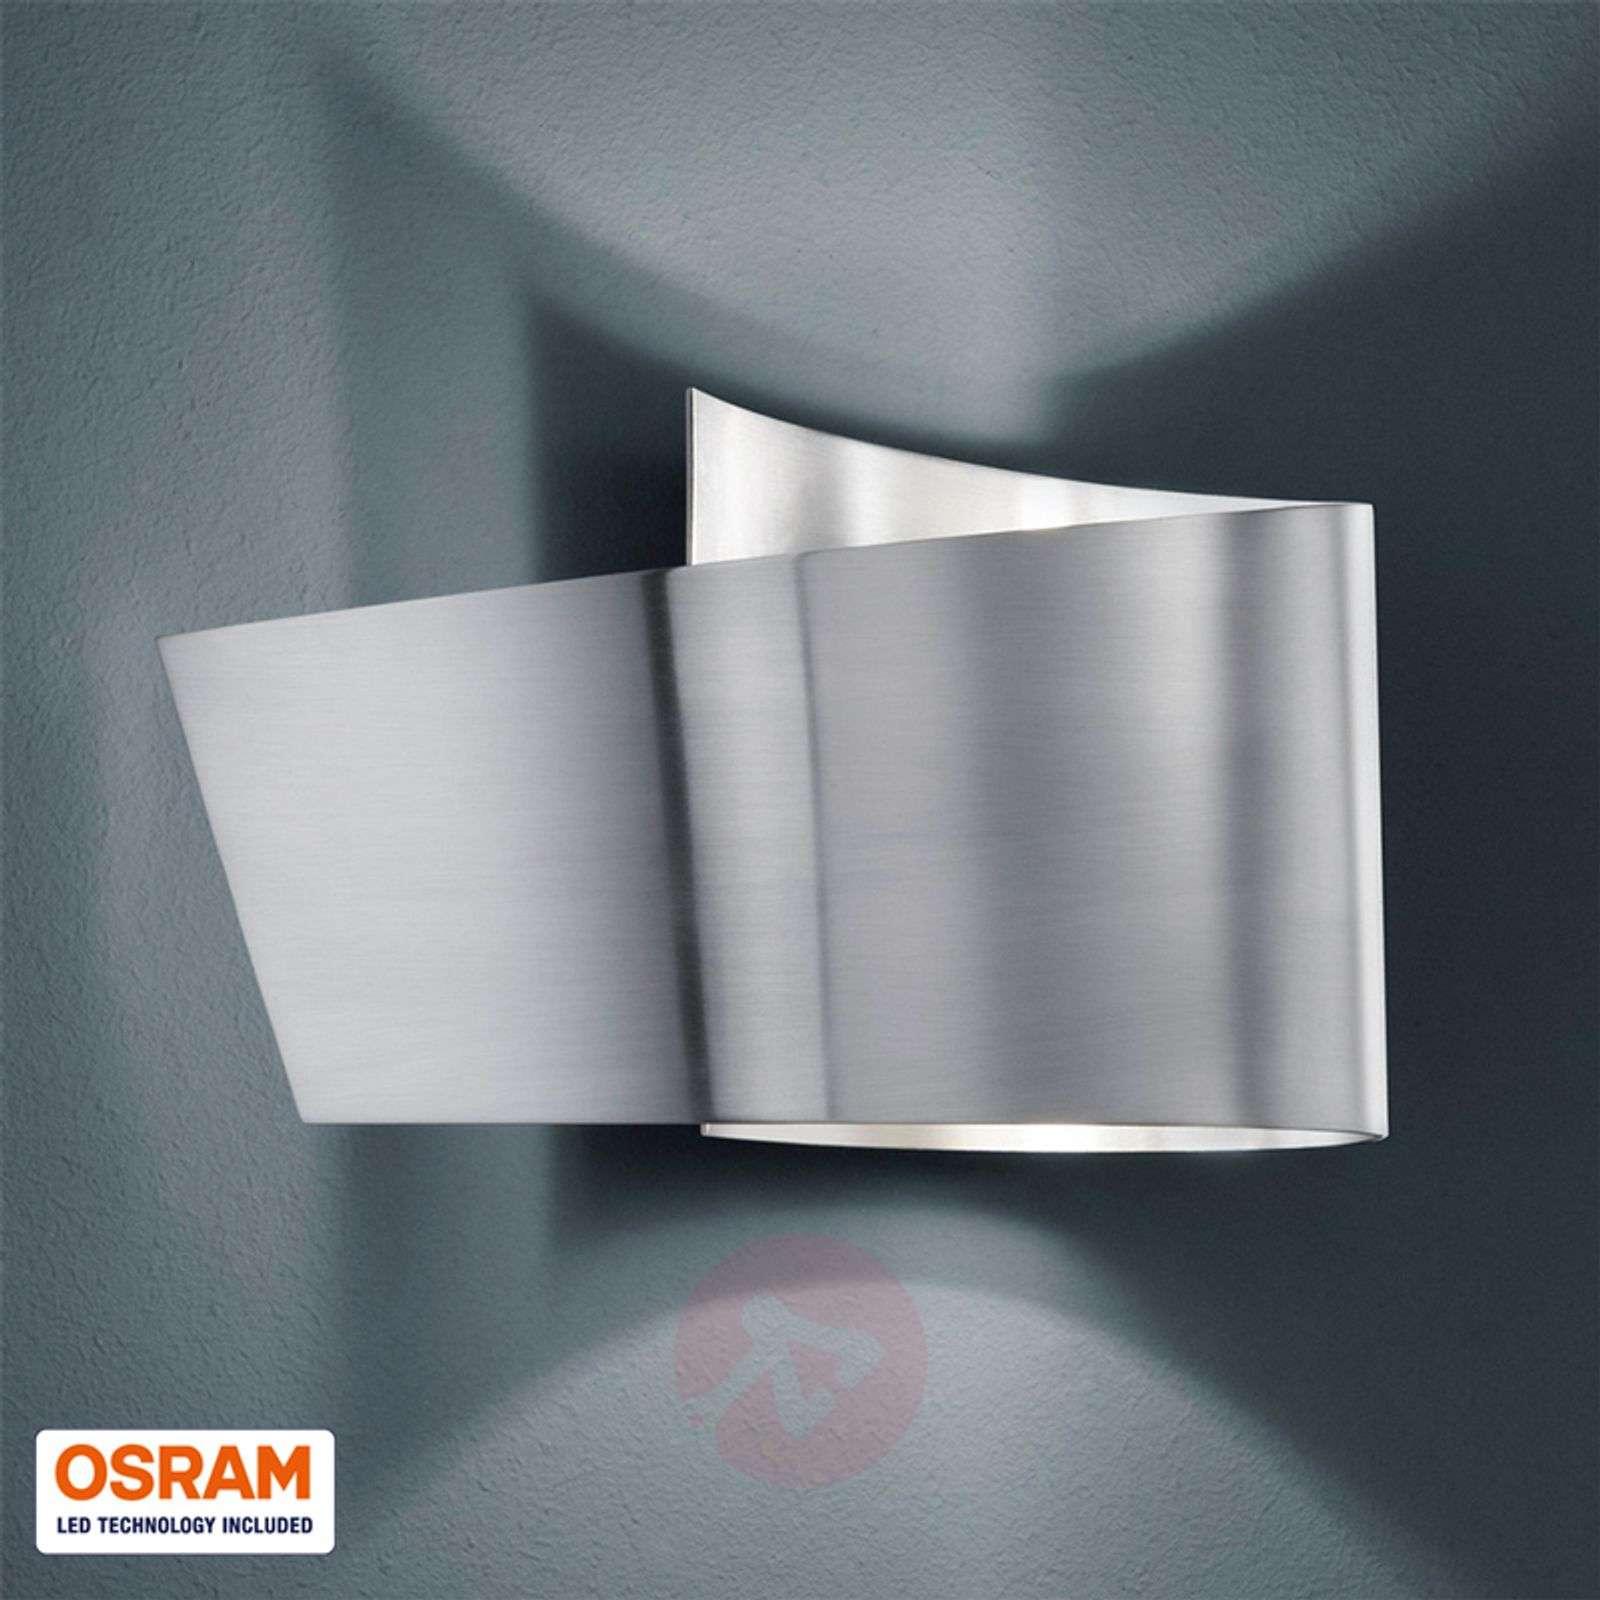 Tobi wall light with IP44, matt nickel-9004599-02